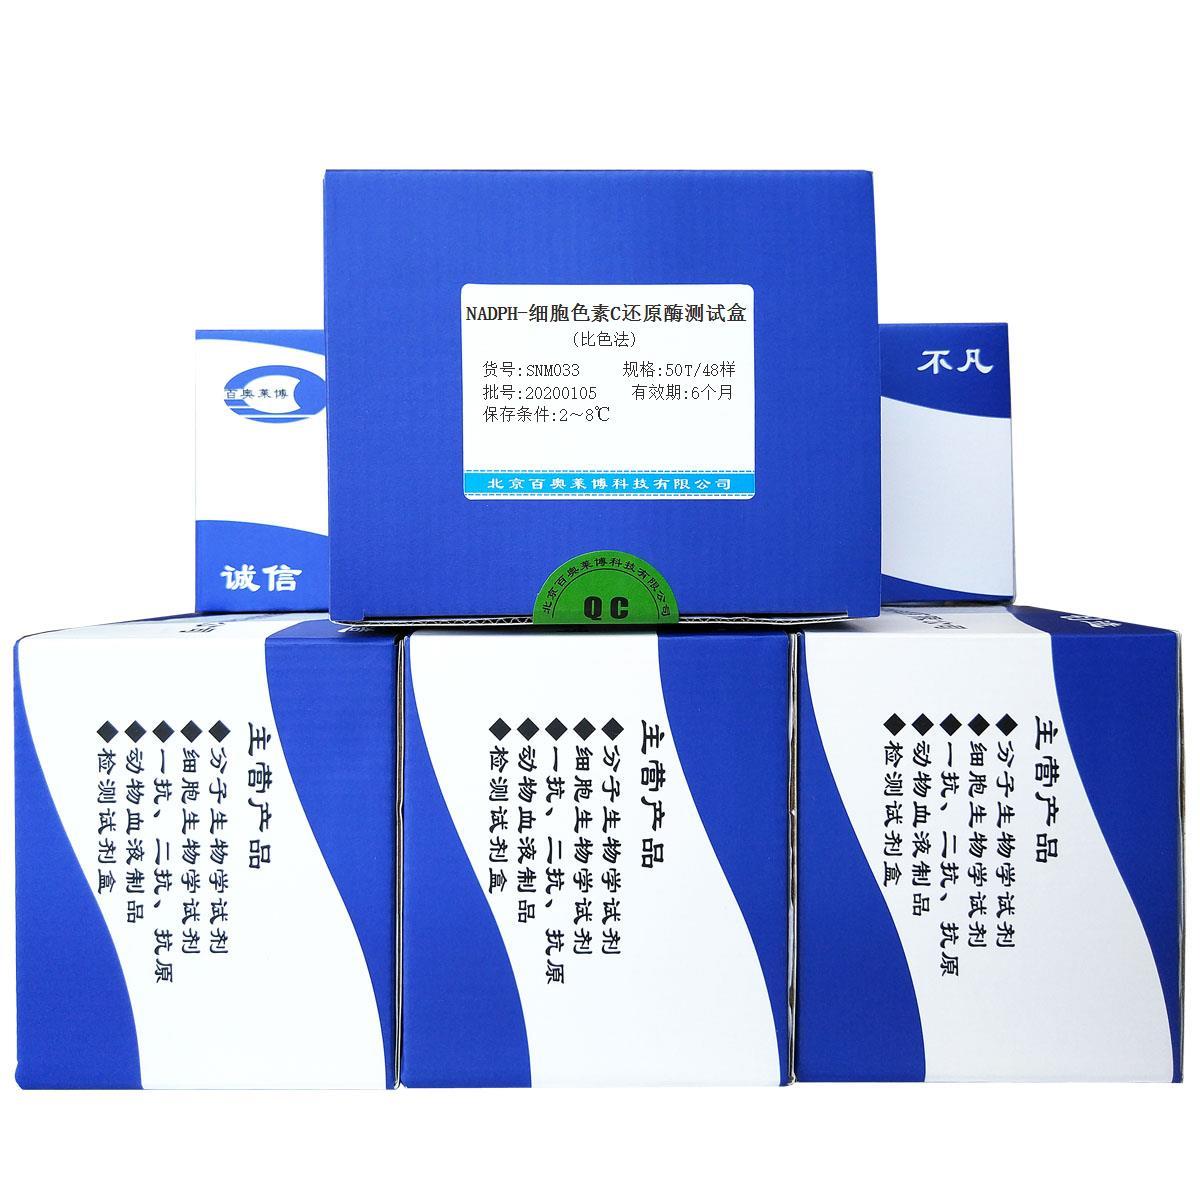 NADPH-细胞色素C还原酶测试盒(比色法)